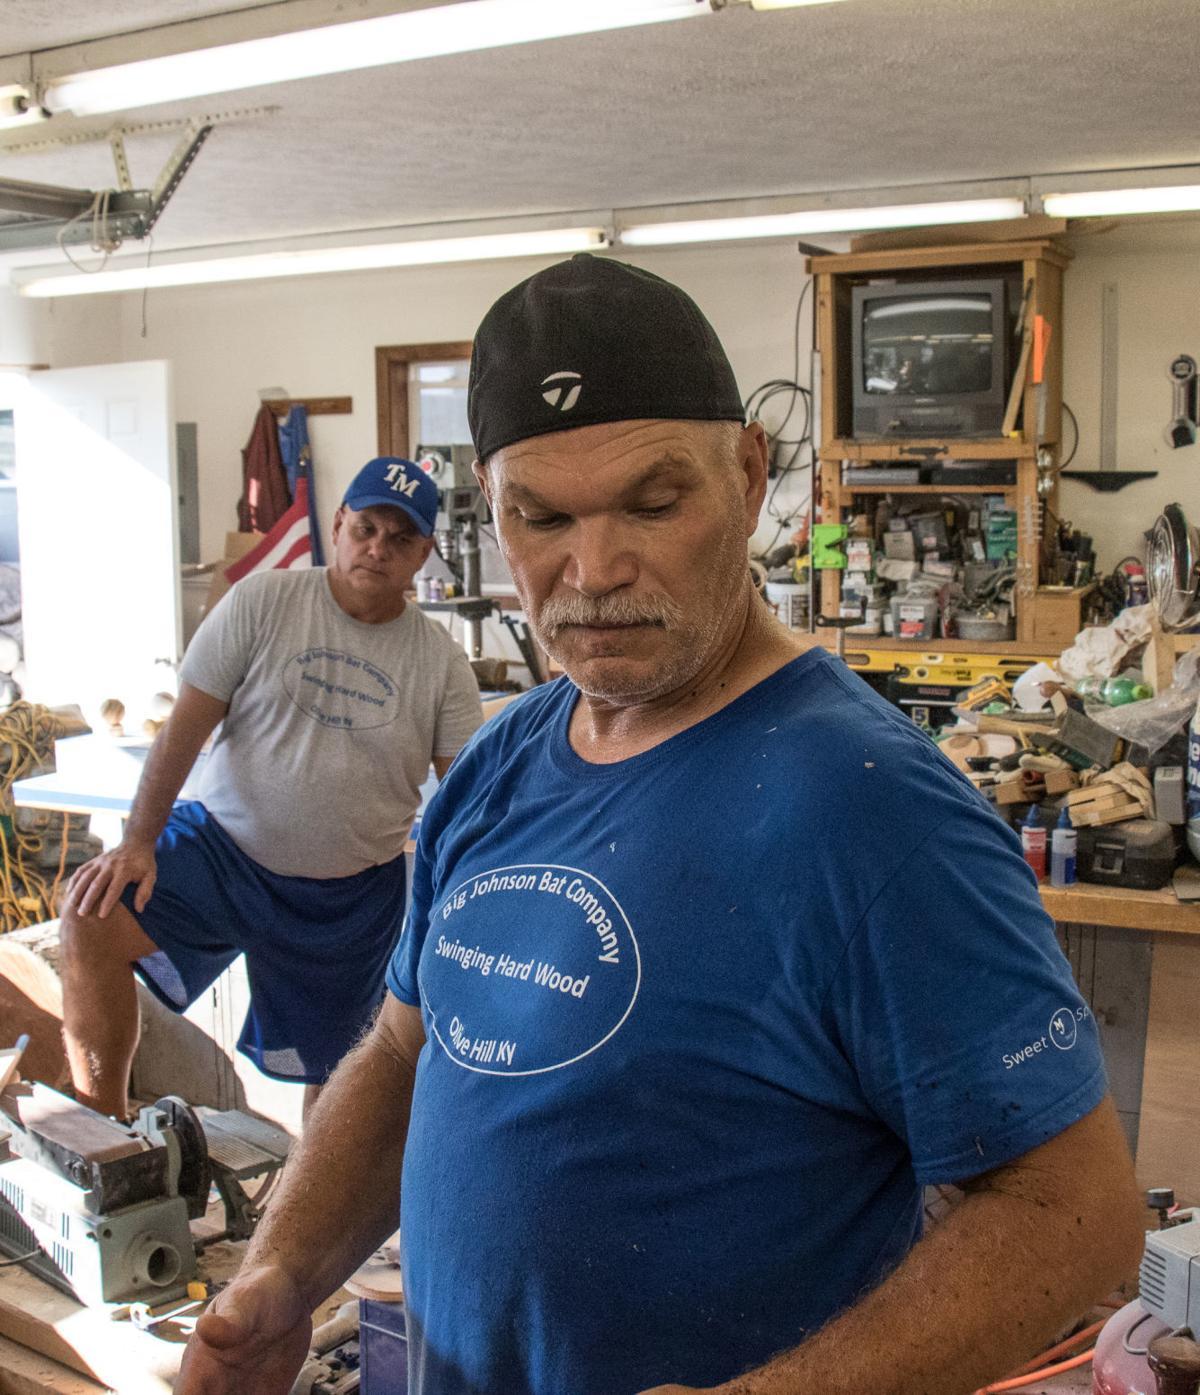 Kentucky bat maker